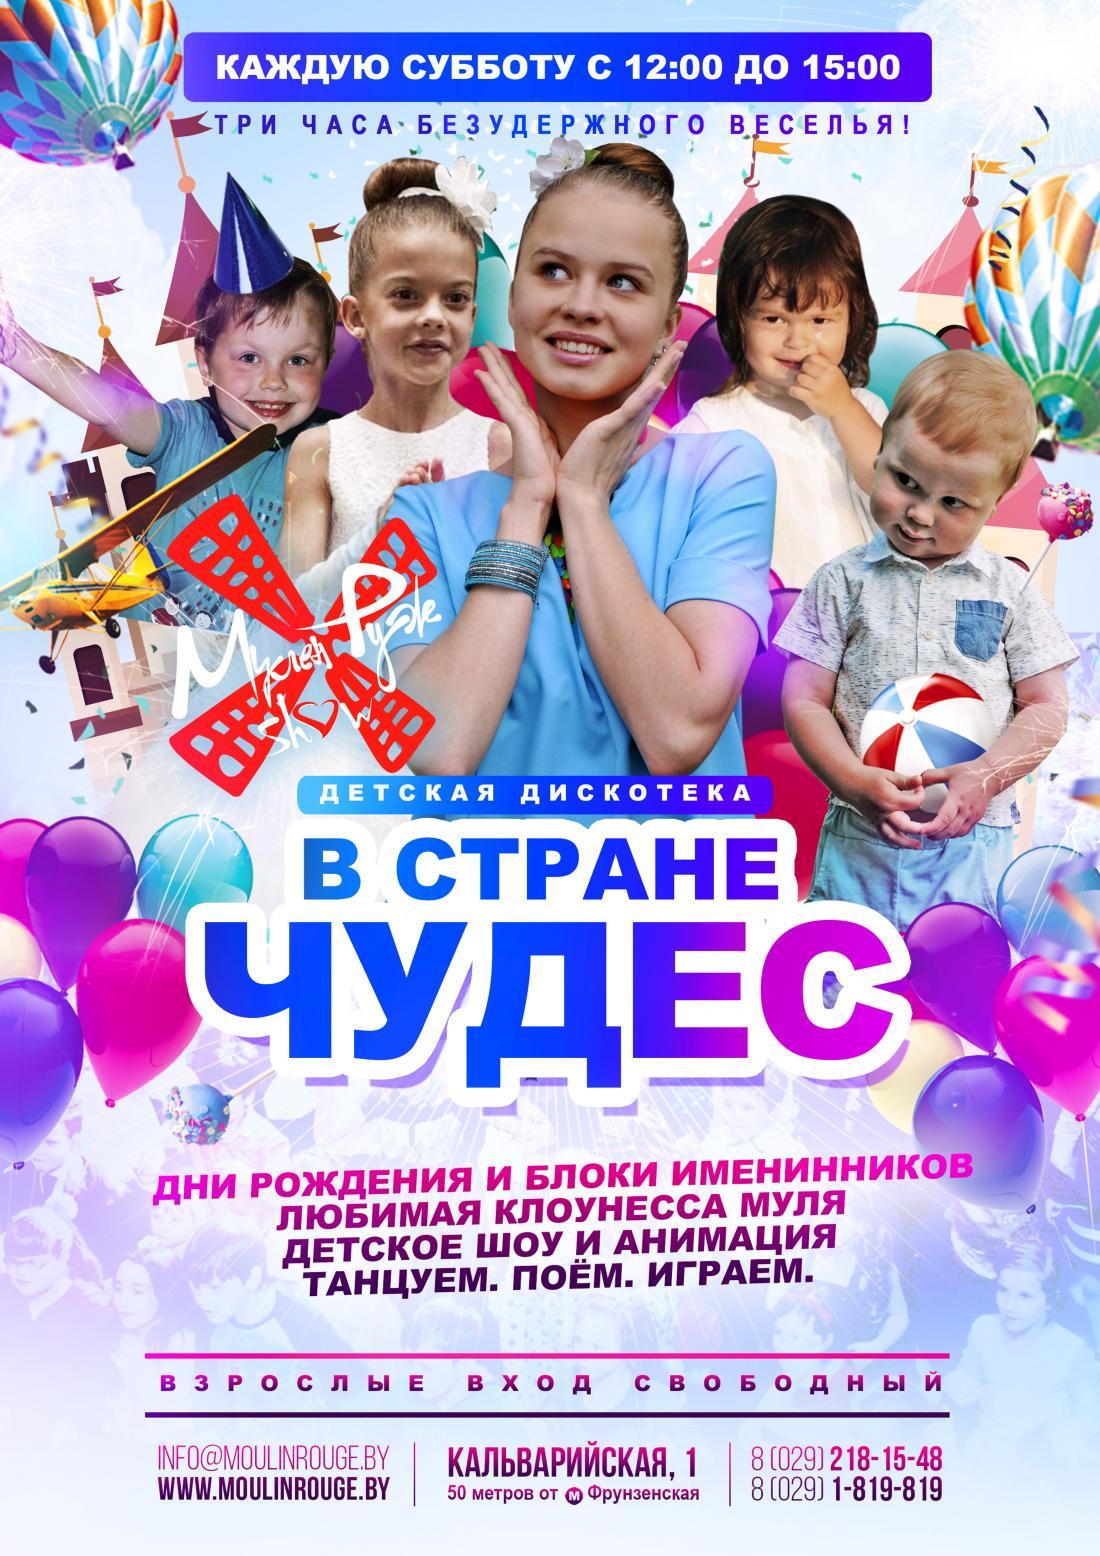 """Каждую субботу детская дискотека в клубе """"Мулен Руж"""" всего за 2,50 руб/чел."""